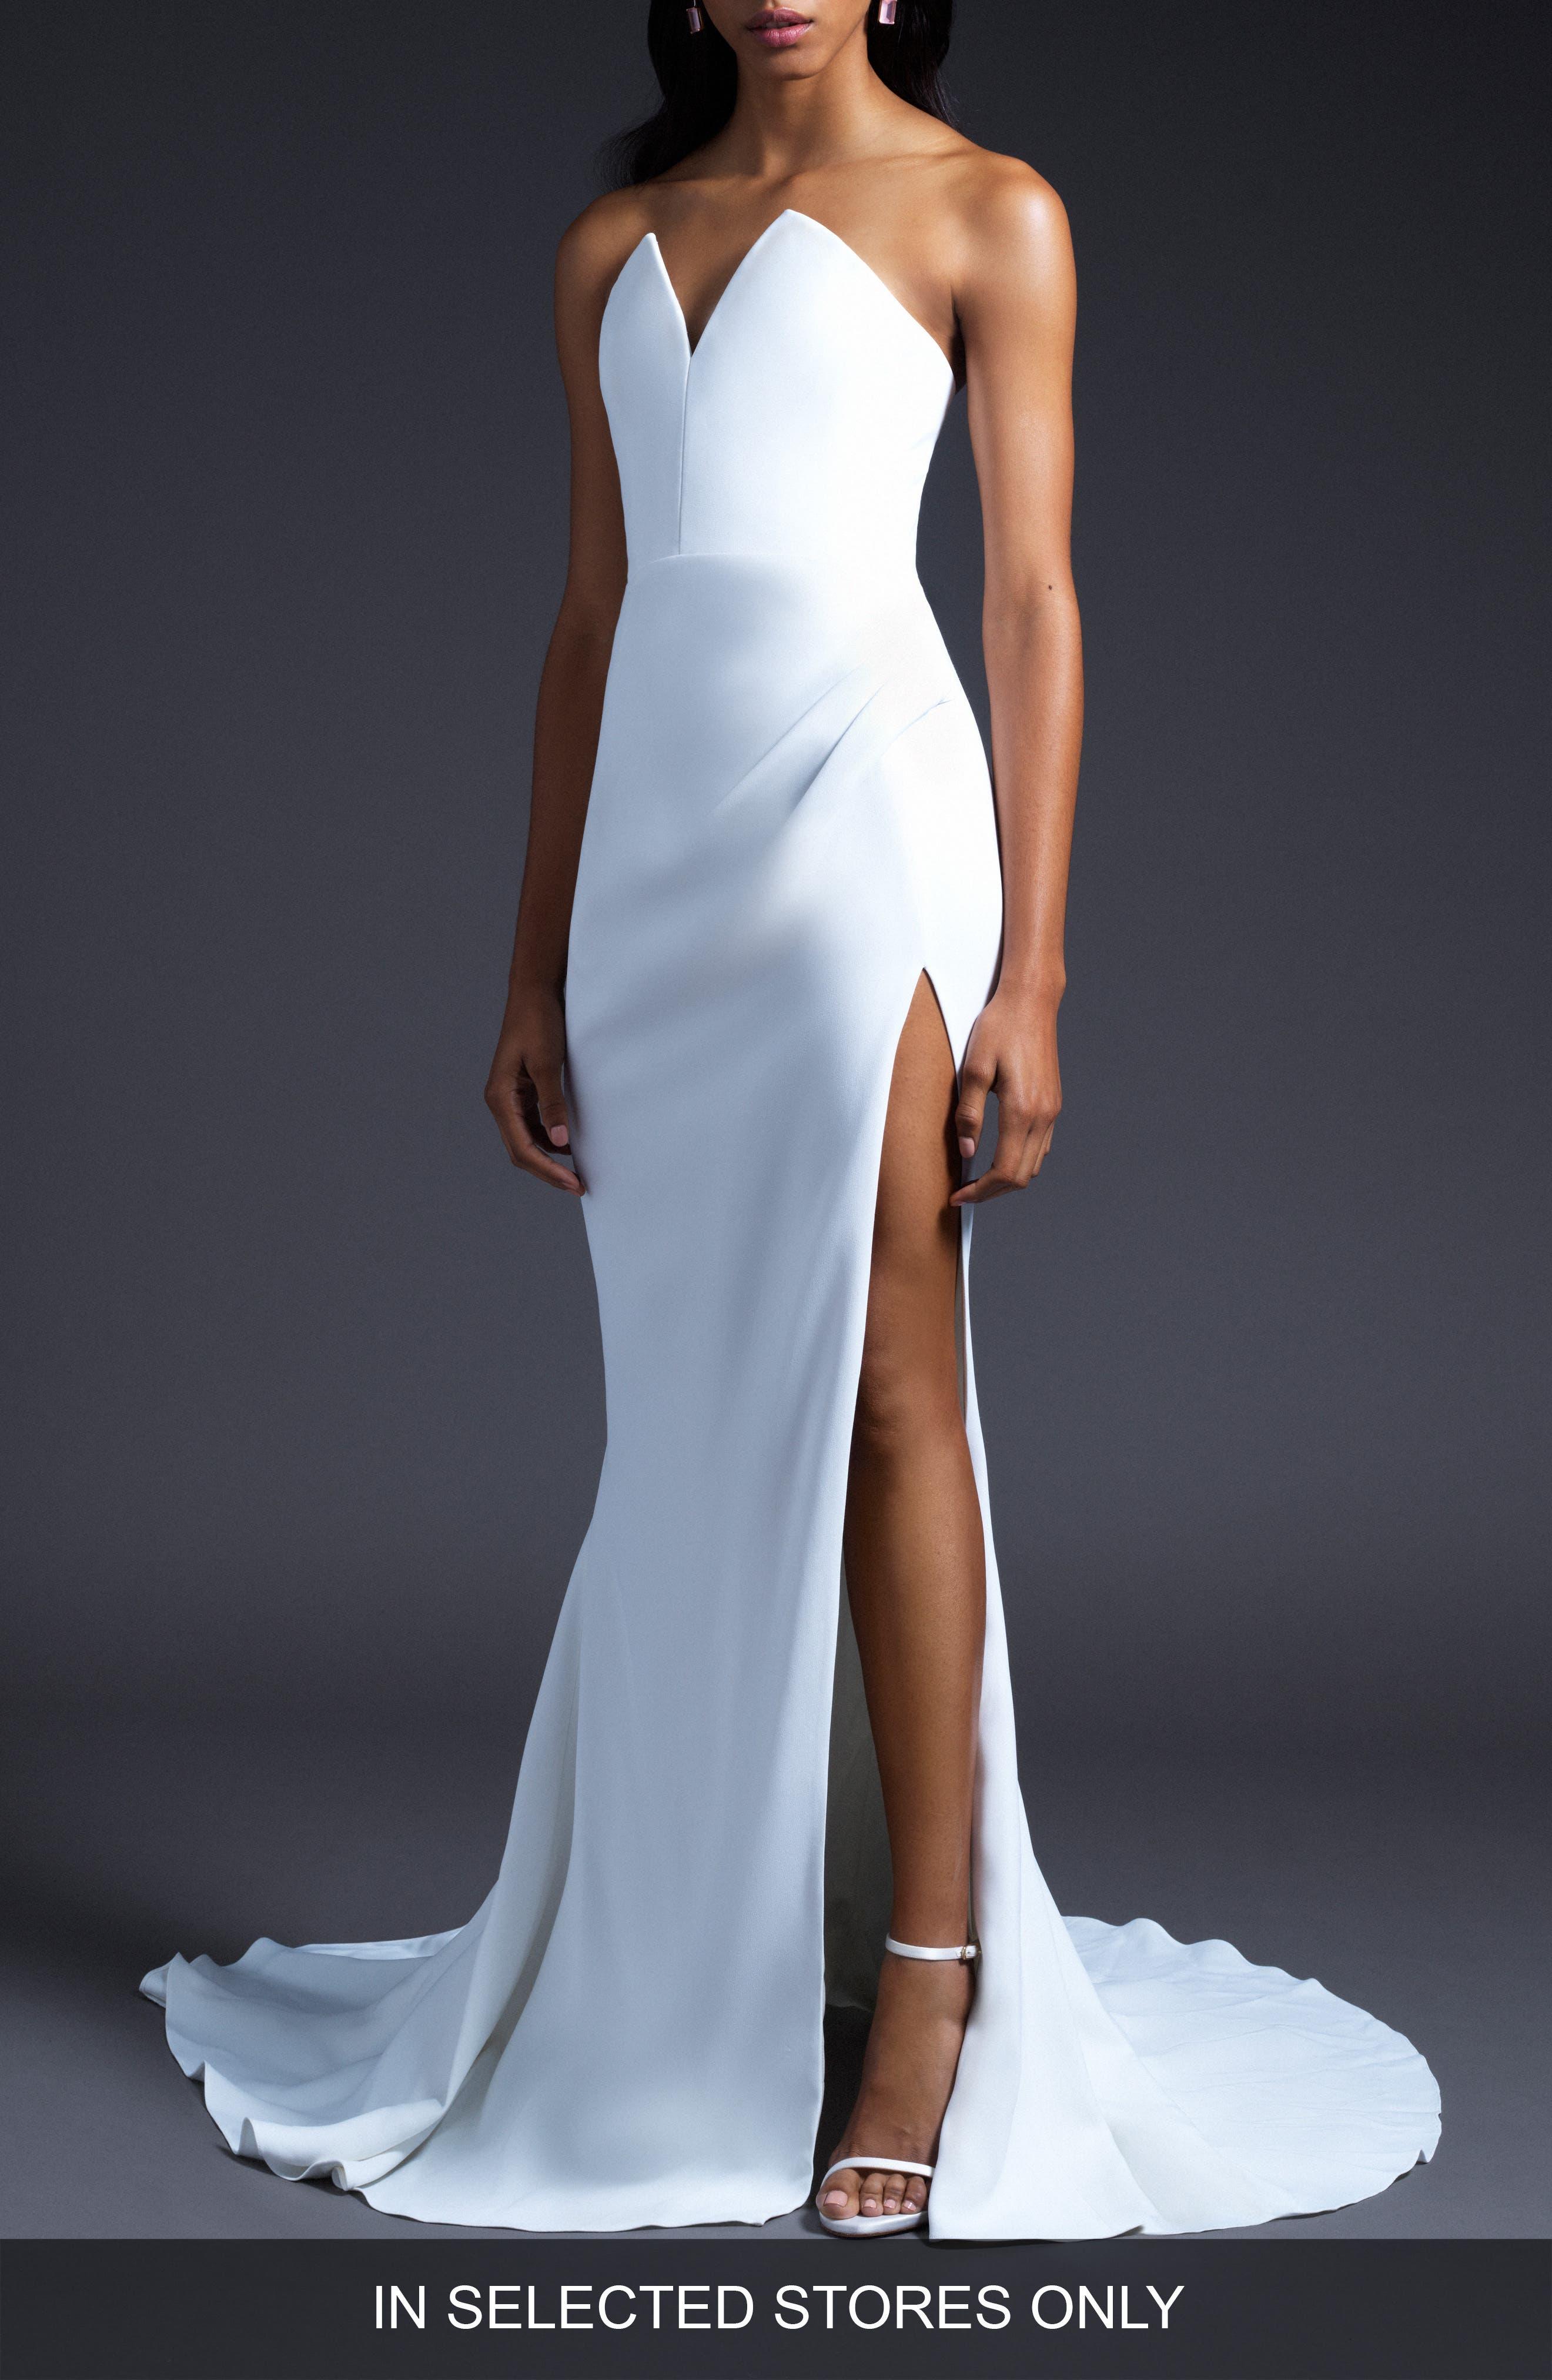 V-Neck Slit Wedding Dress in White